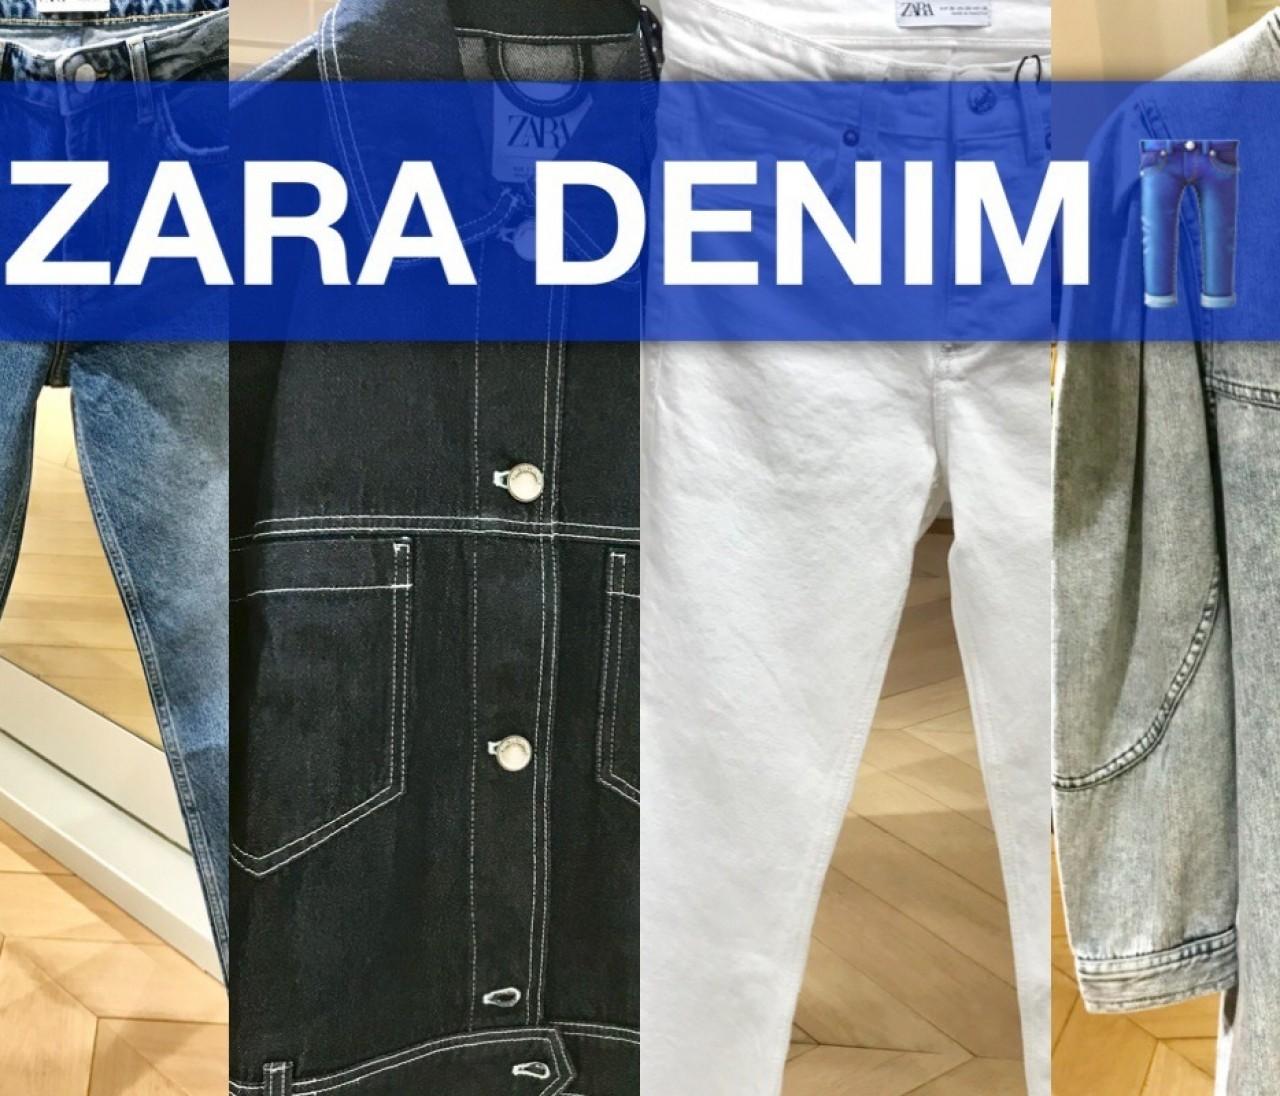 【ザラ(ZARA)】デニム&ジーンズがおしゃれな30代女子から絶大な支持を得る8つの理由